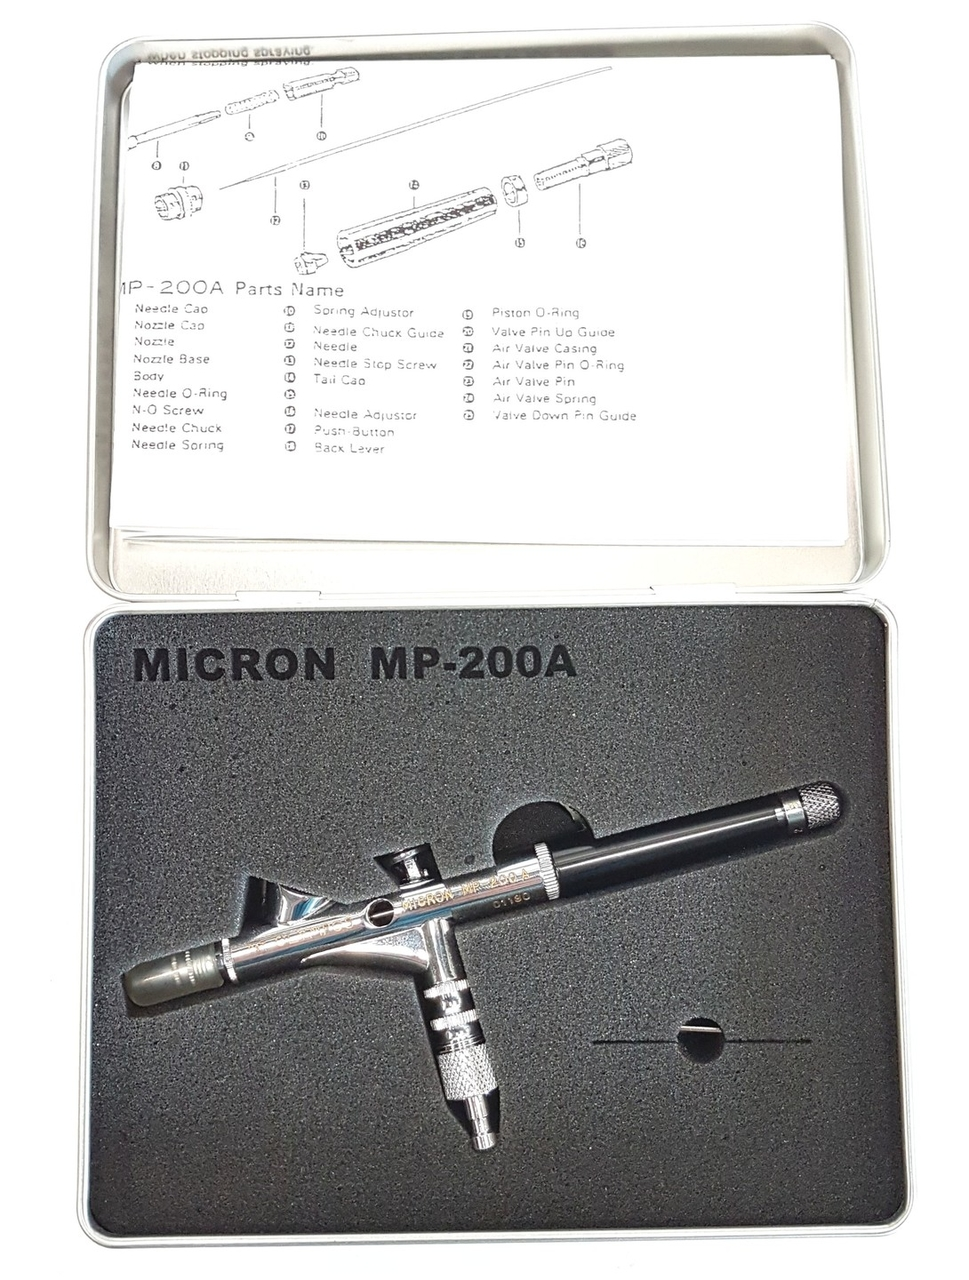 OLYMPOS MP-200A